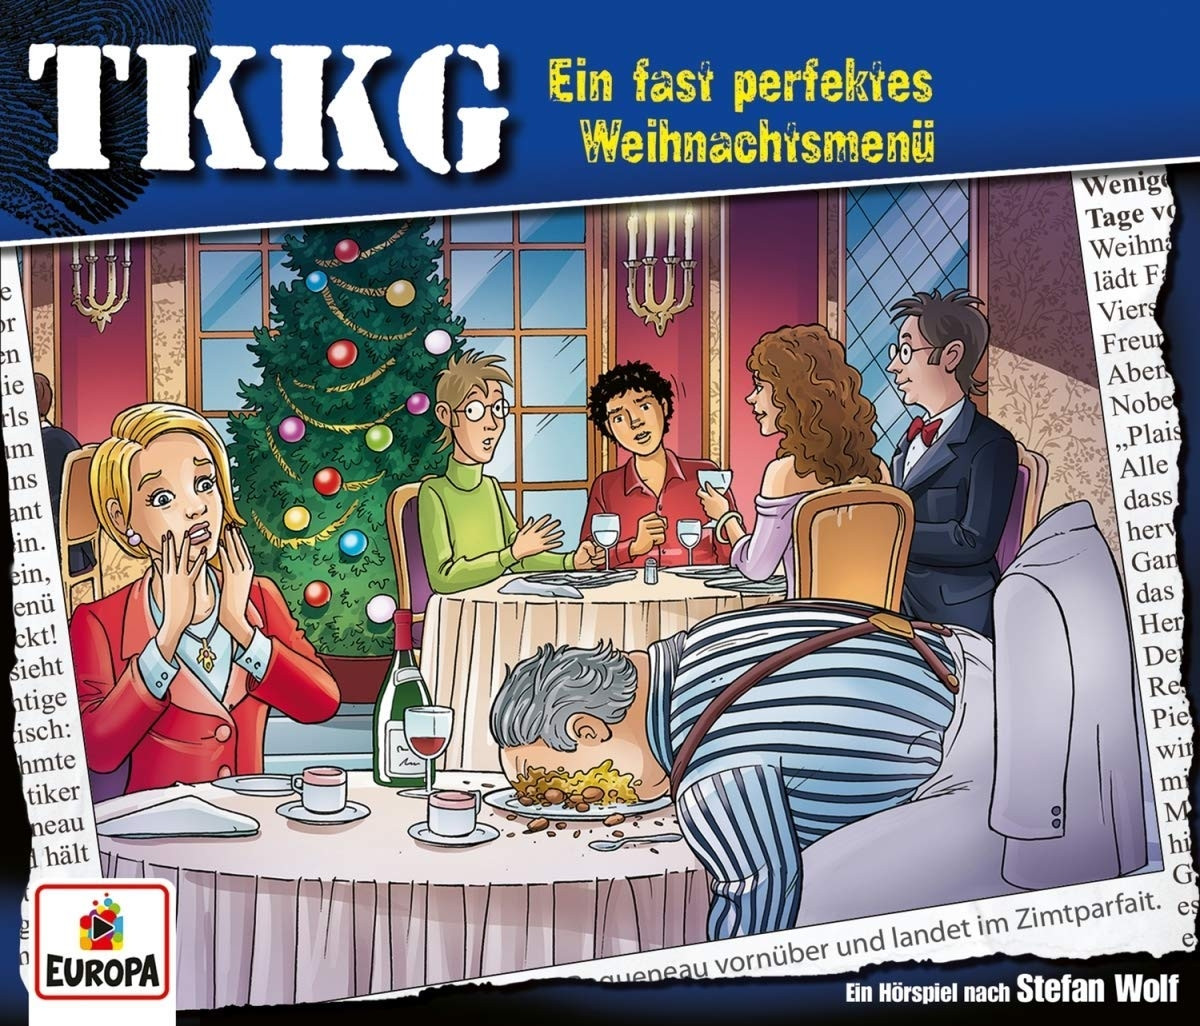 TKKG - Ein Fast Perfektes Weihnachtsmenü